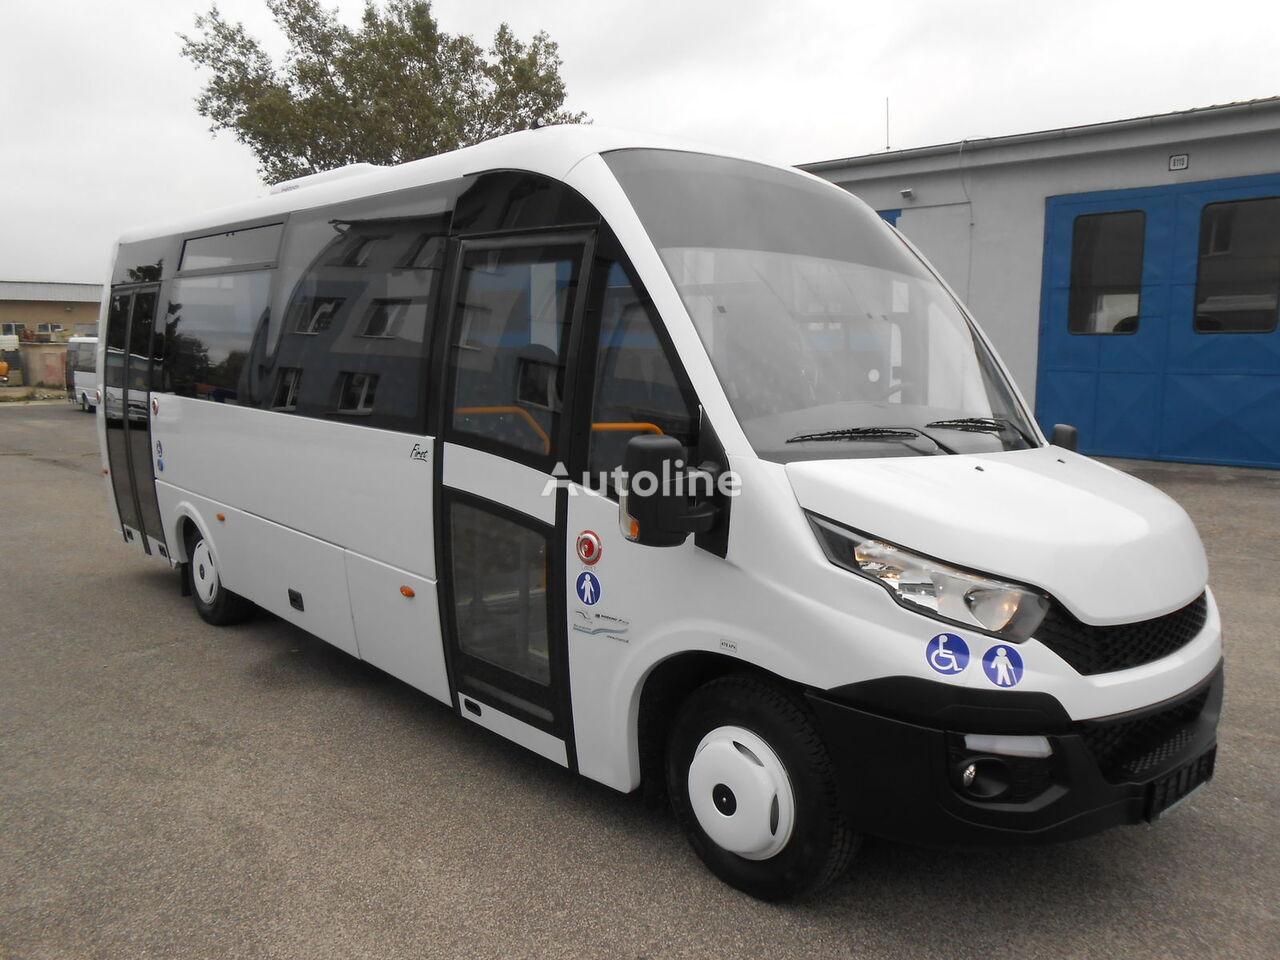 verkauf von neue iveco first fclli kleinbus. Black Bedroom Furniture Sets. Home Design Ideas